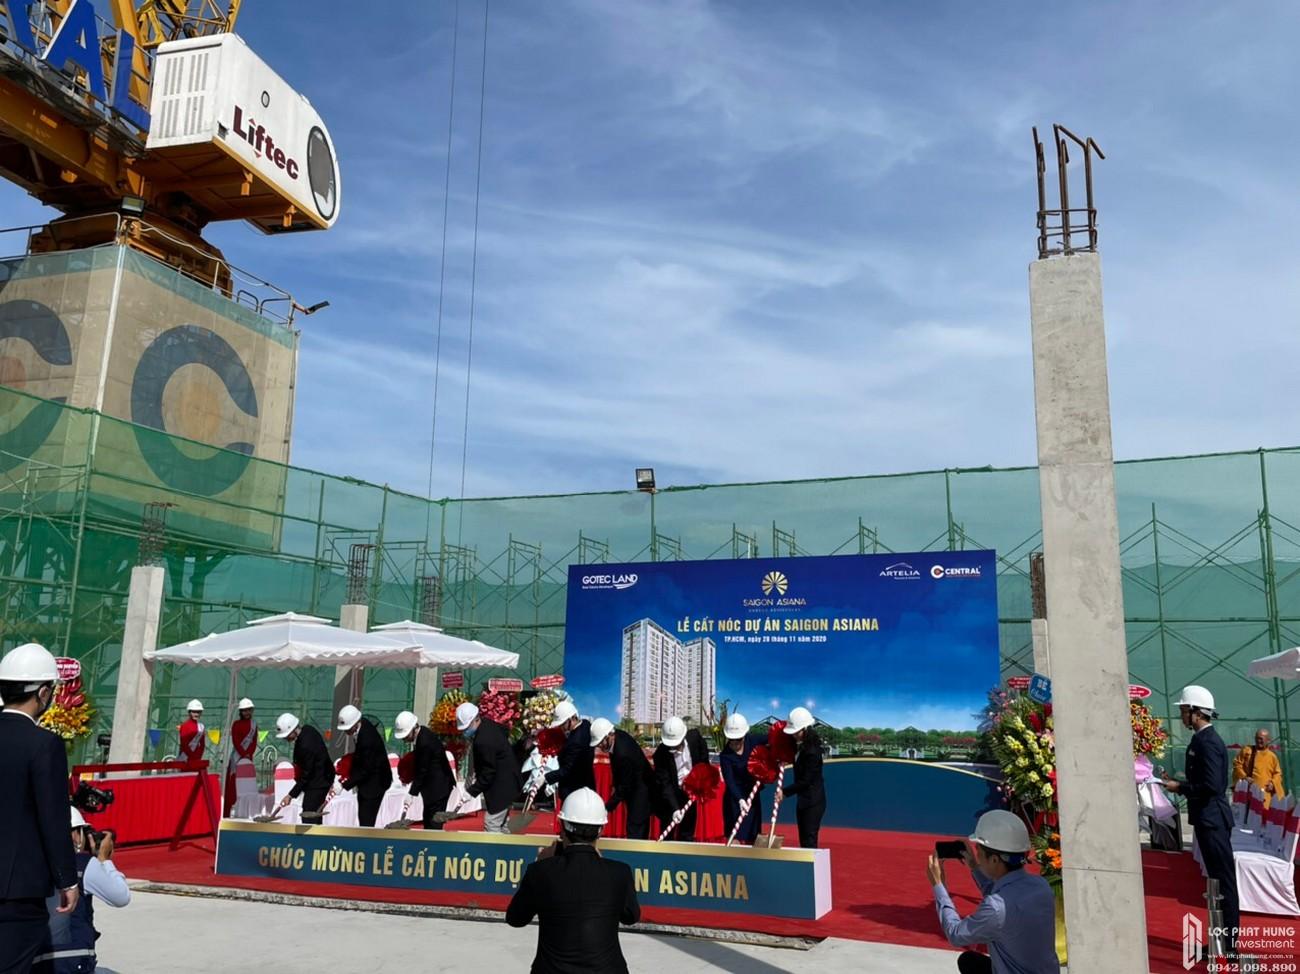 Lễ cất nóc dự án căn hộ chung cư Saigon Asiana Quận 6 tháng 12/2020 Đường Nguyễn Văn Luông chủ đầu tư Gotec Land